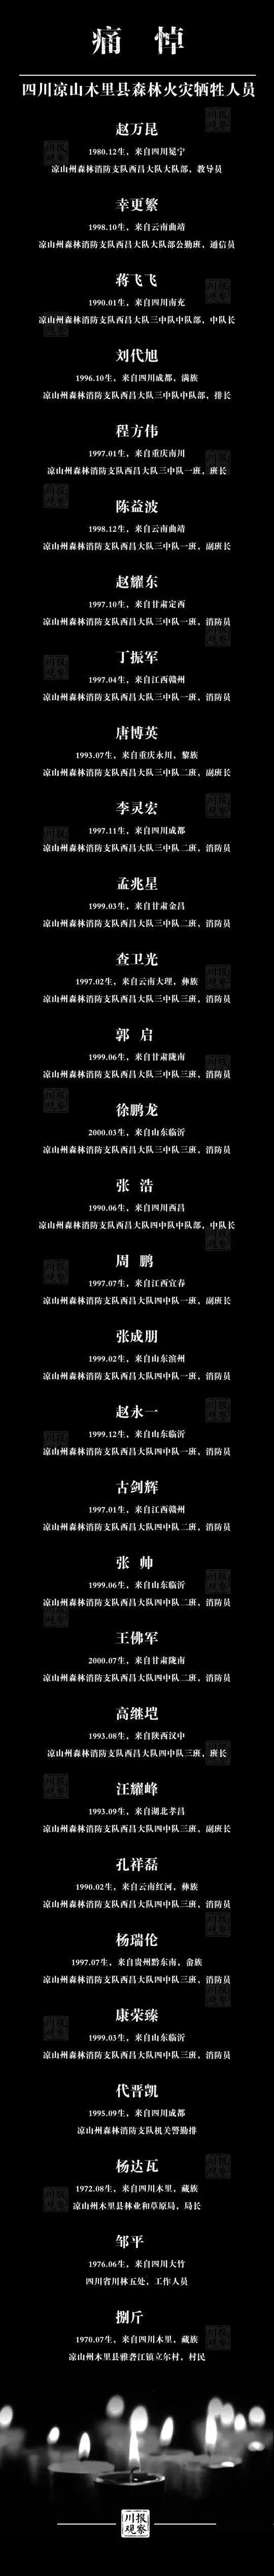 哀悼!牺牲消防员中甘肃籍有四名,分别来自陇南、定西、金昌